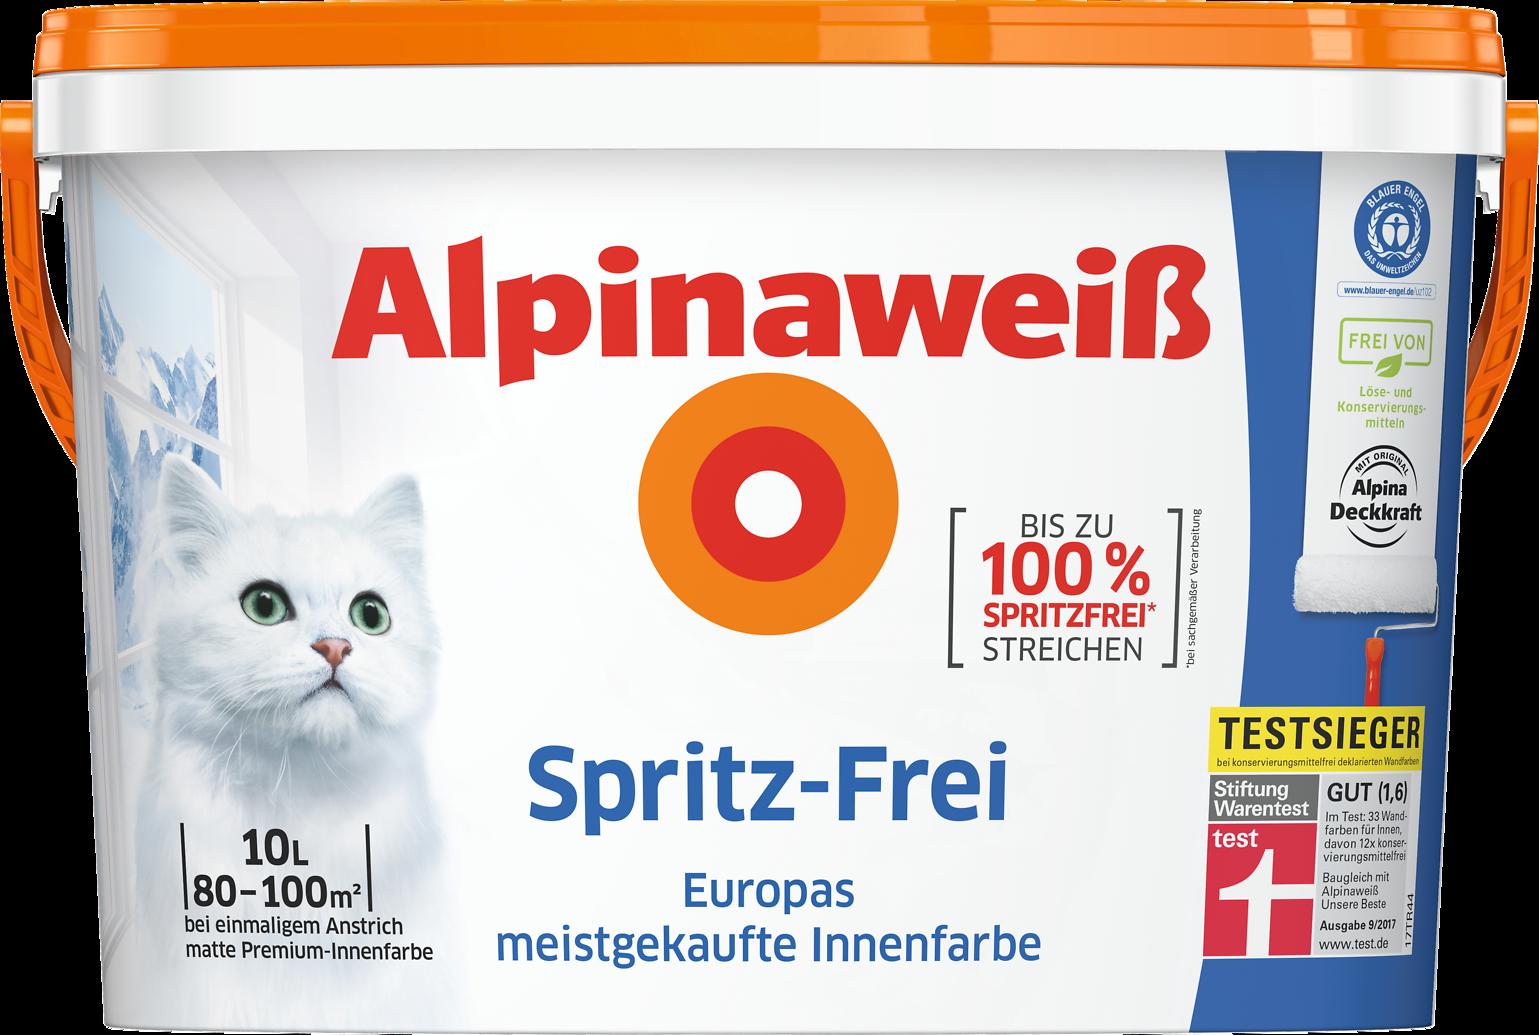 Alpinaweiß Spritz-Frei, weiße Wandfarbe, Innenfarbe, weiß - Alpina ...